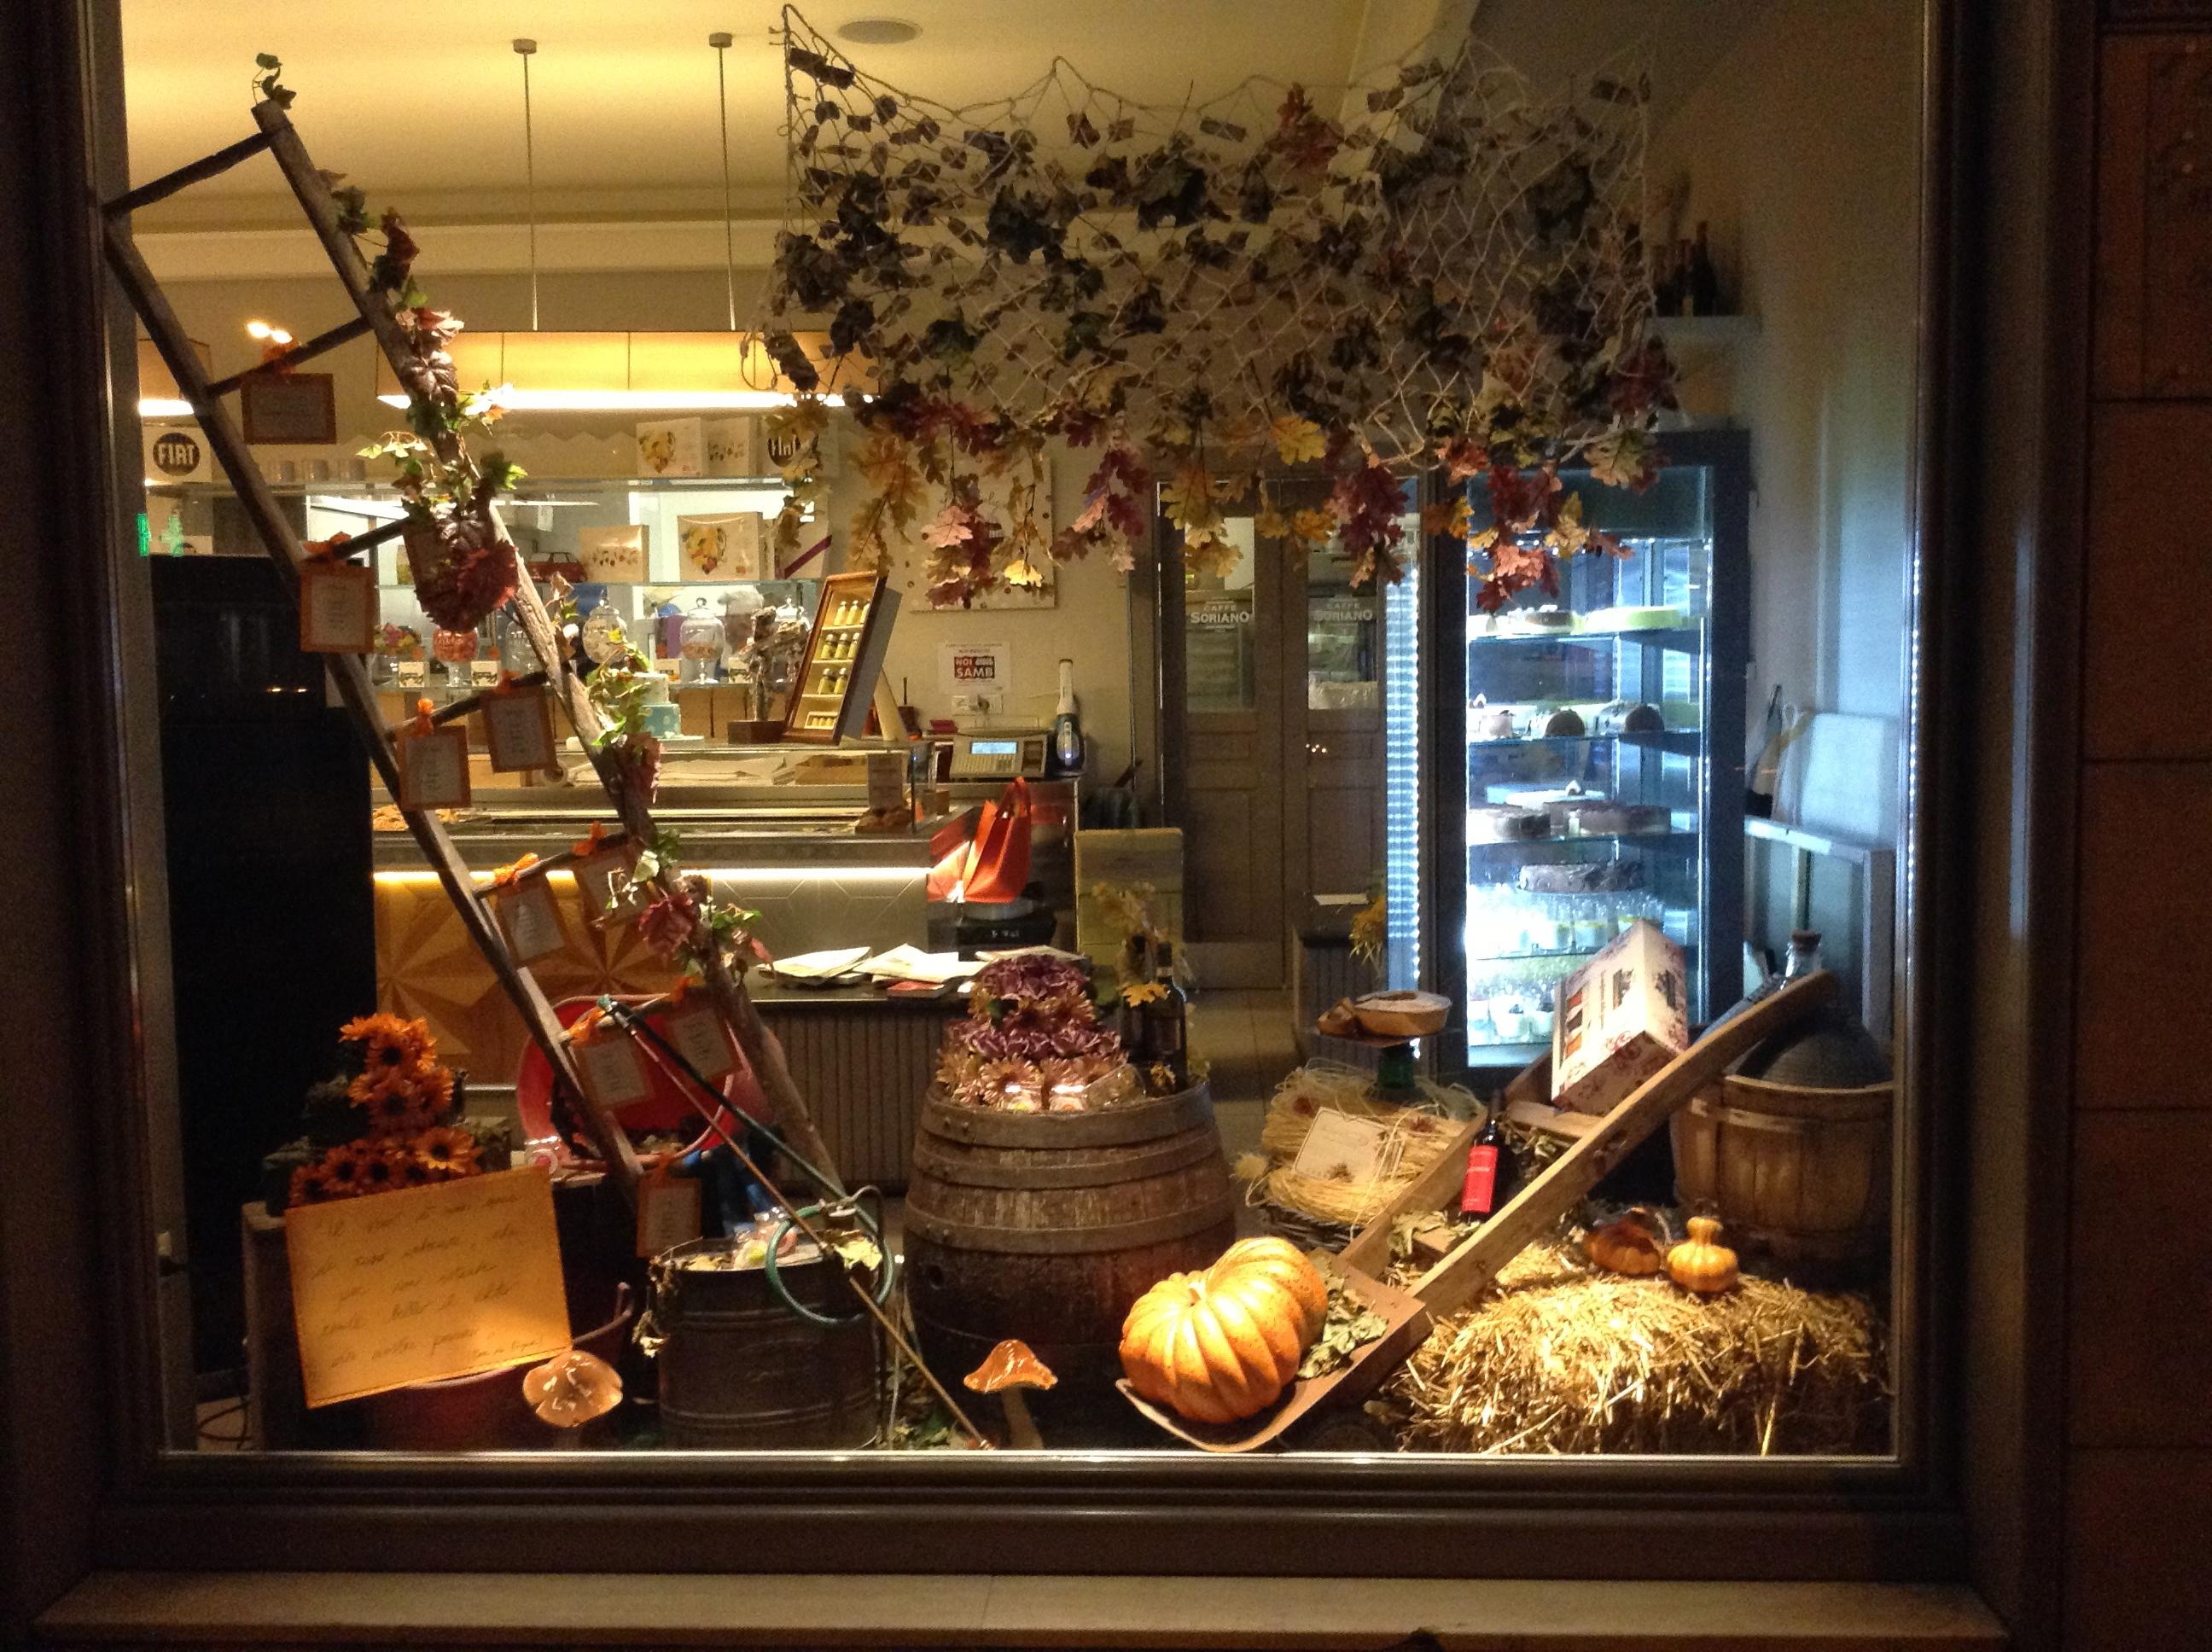 Connu Idee per vetrine d autunno – Pannelli decorativi plexiglass AU52